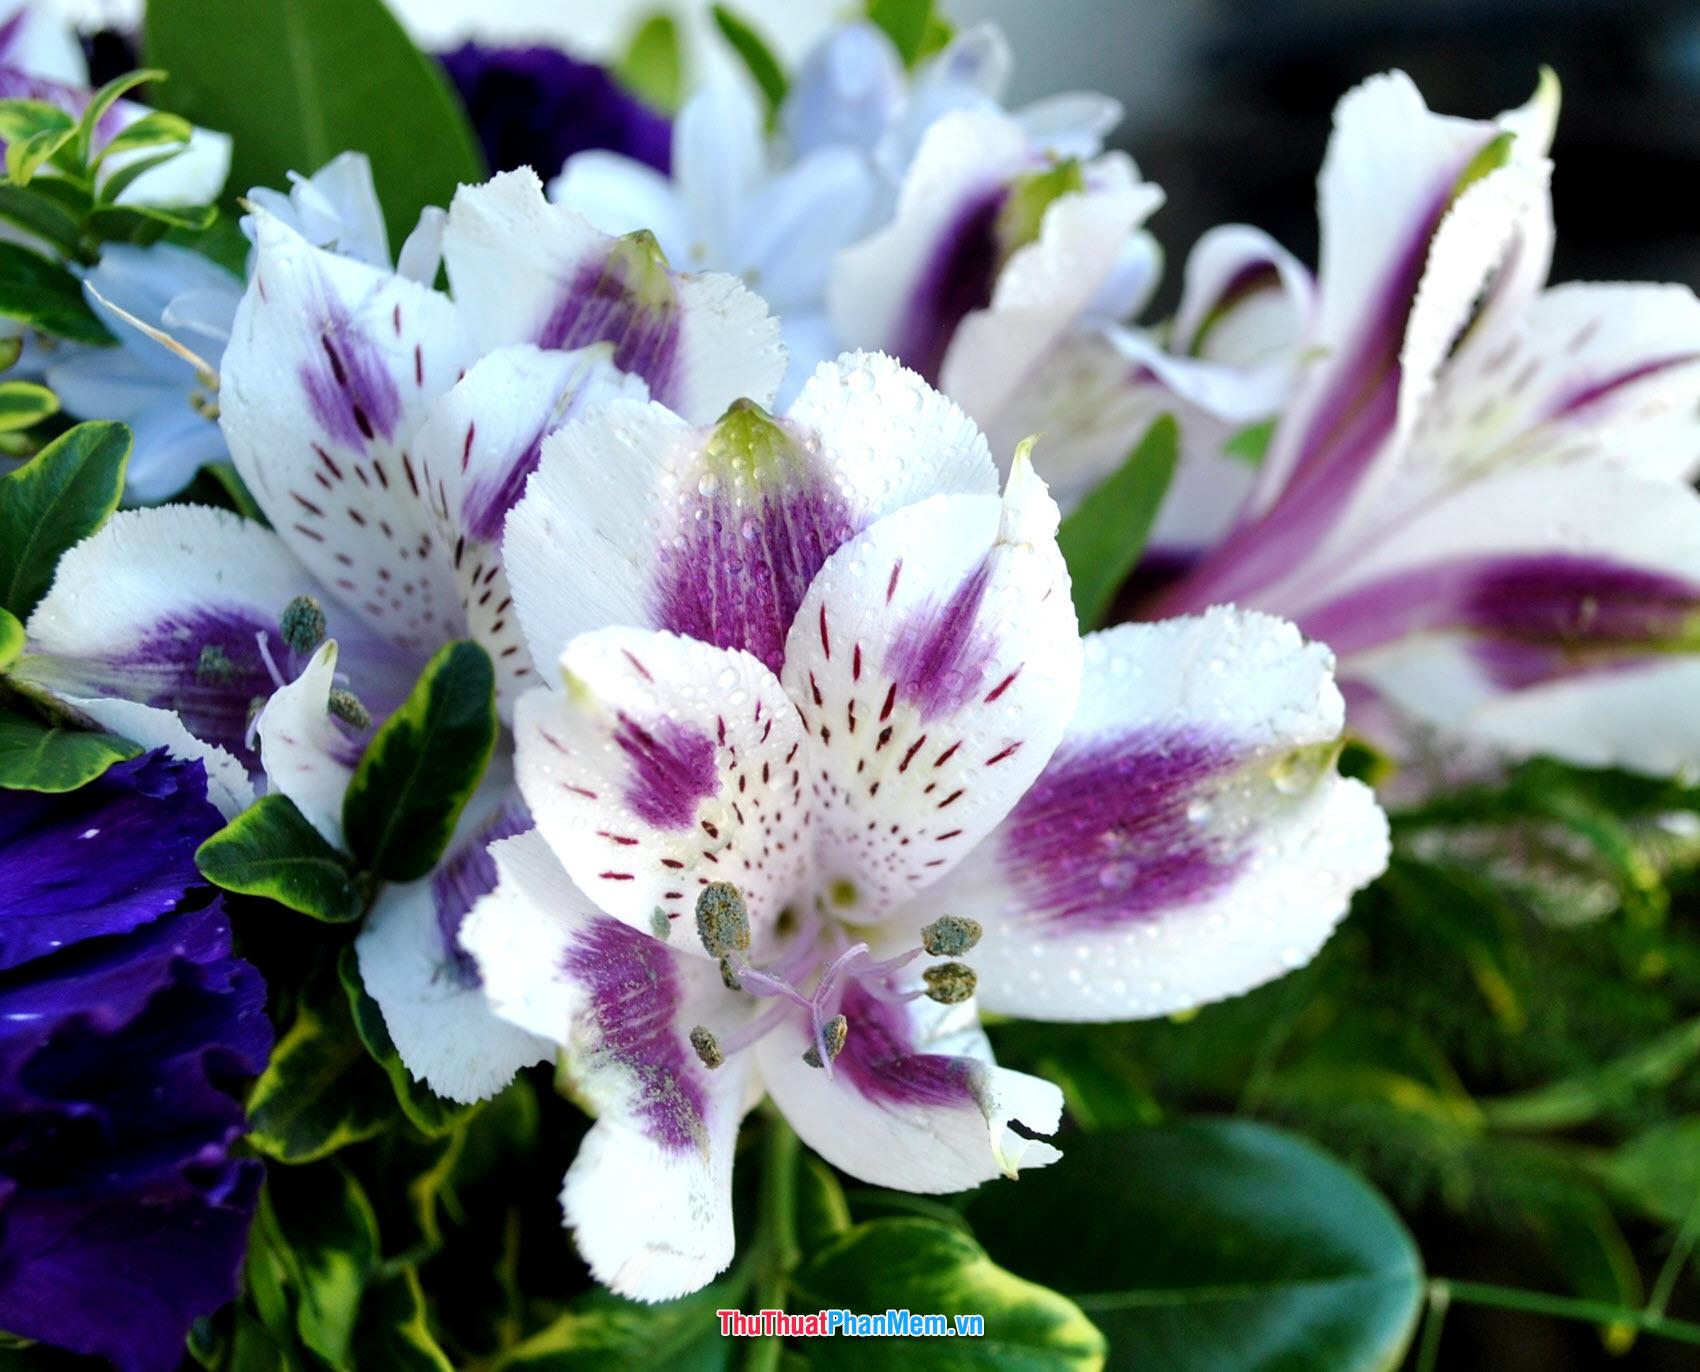 Hoa ly như cánh bướm nhỏ xinh đẹp tặng cho vơ và người yêu vào ngày mùng 8 tháng 3